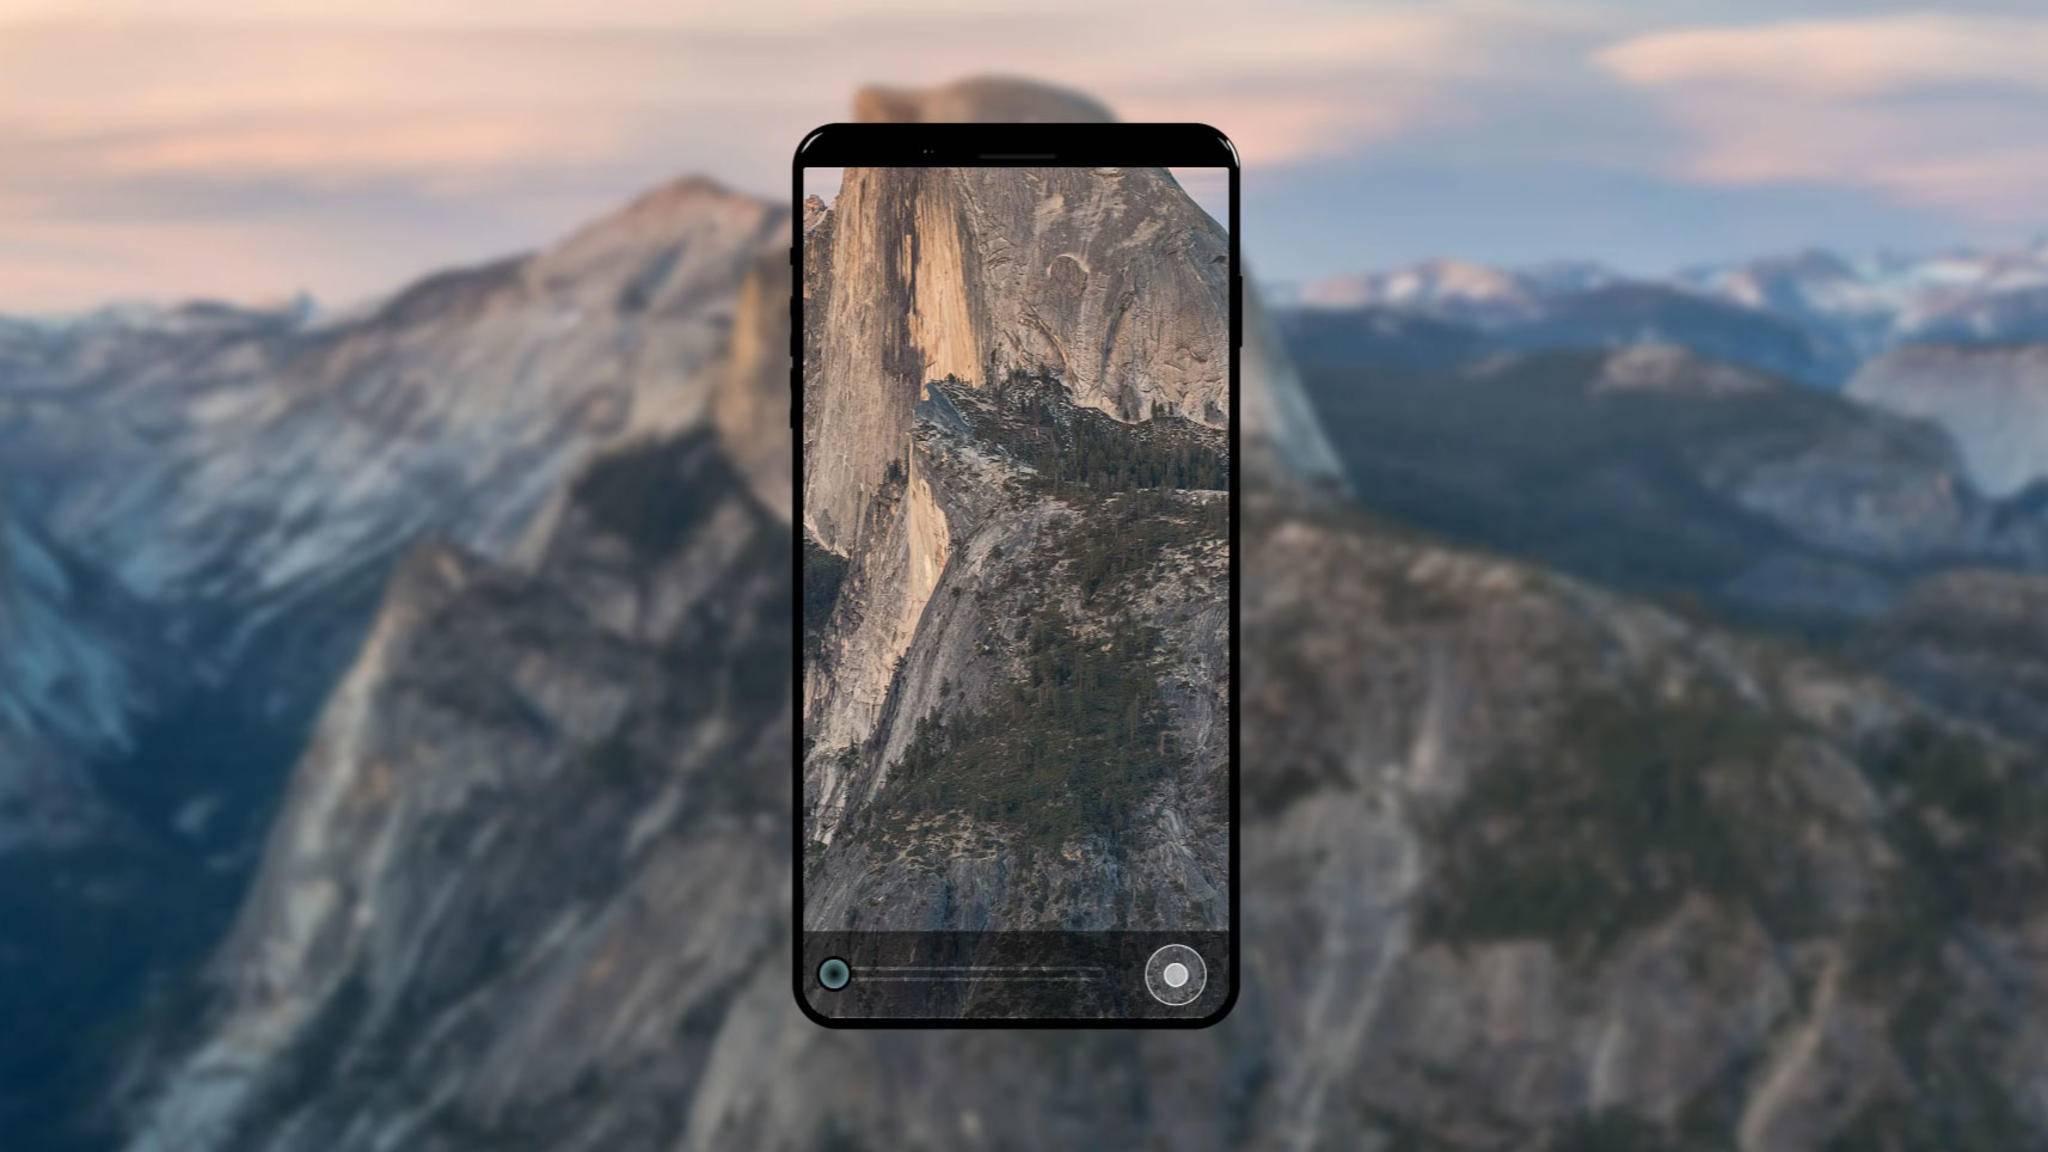 Zukünftige iPhones sollen nur noch aus wiederverwerteten Materialien gefertigt werden – aber noch nicht das iPhone 8.